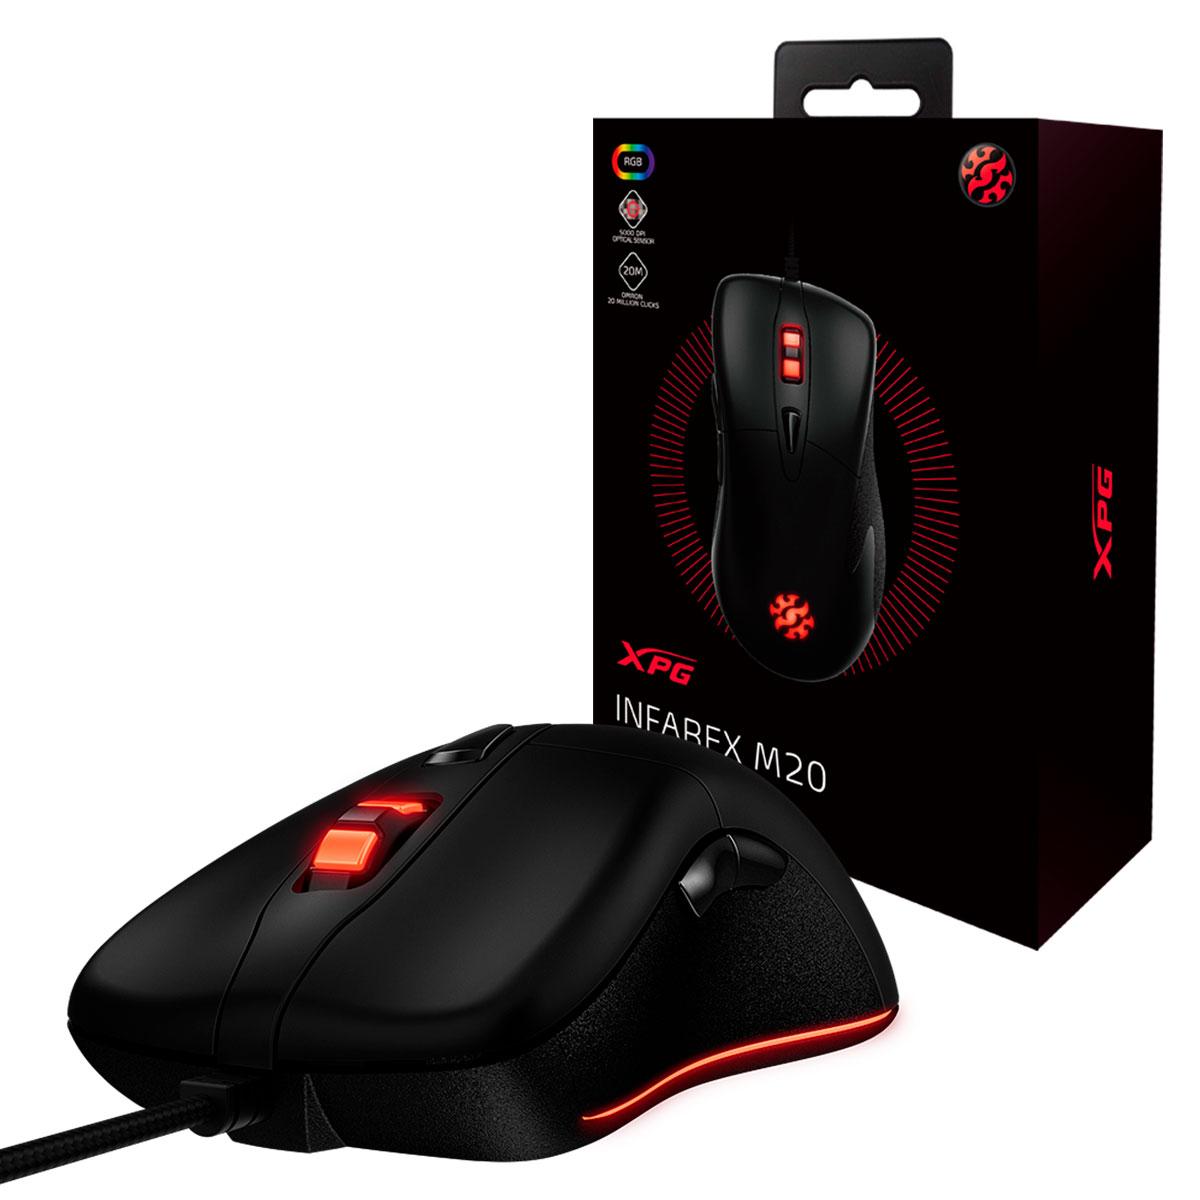 Mouse Gamer Adata XPG Infarex M20, 5000 DPI, RGB - Preto